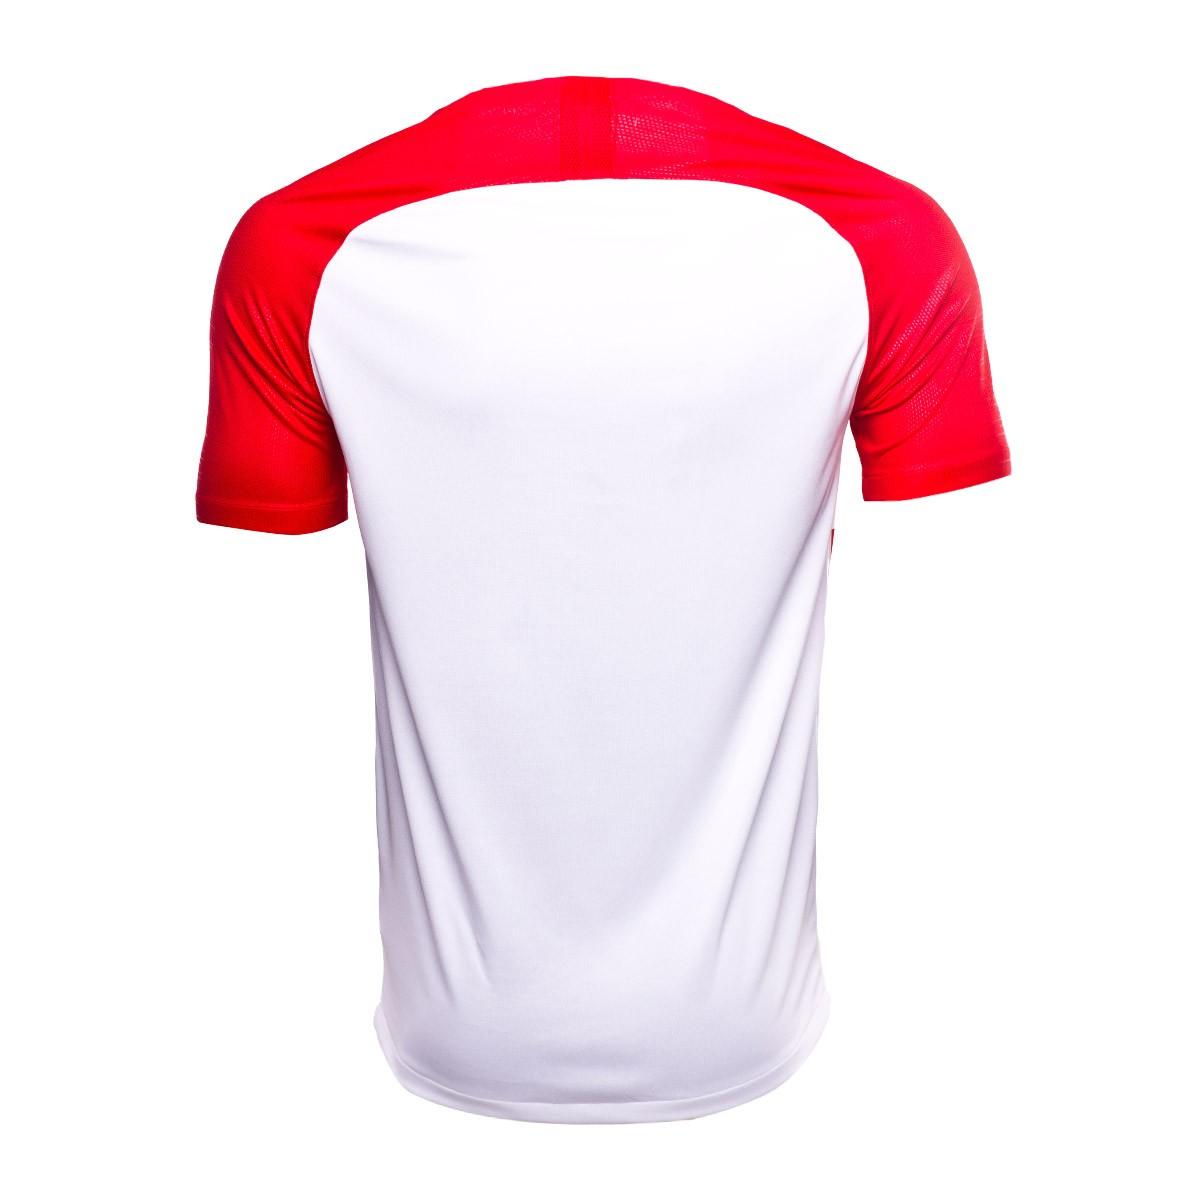 78b77256a184d Camisola Nike Croácia Breathe Stadium Equipamento principal 2018-2019  Crianças University red-White-Deep royal blue - Loja de futebol Fútbol  Emotion